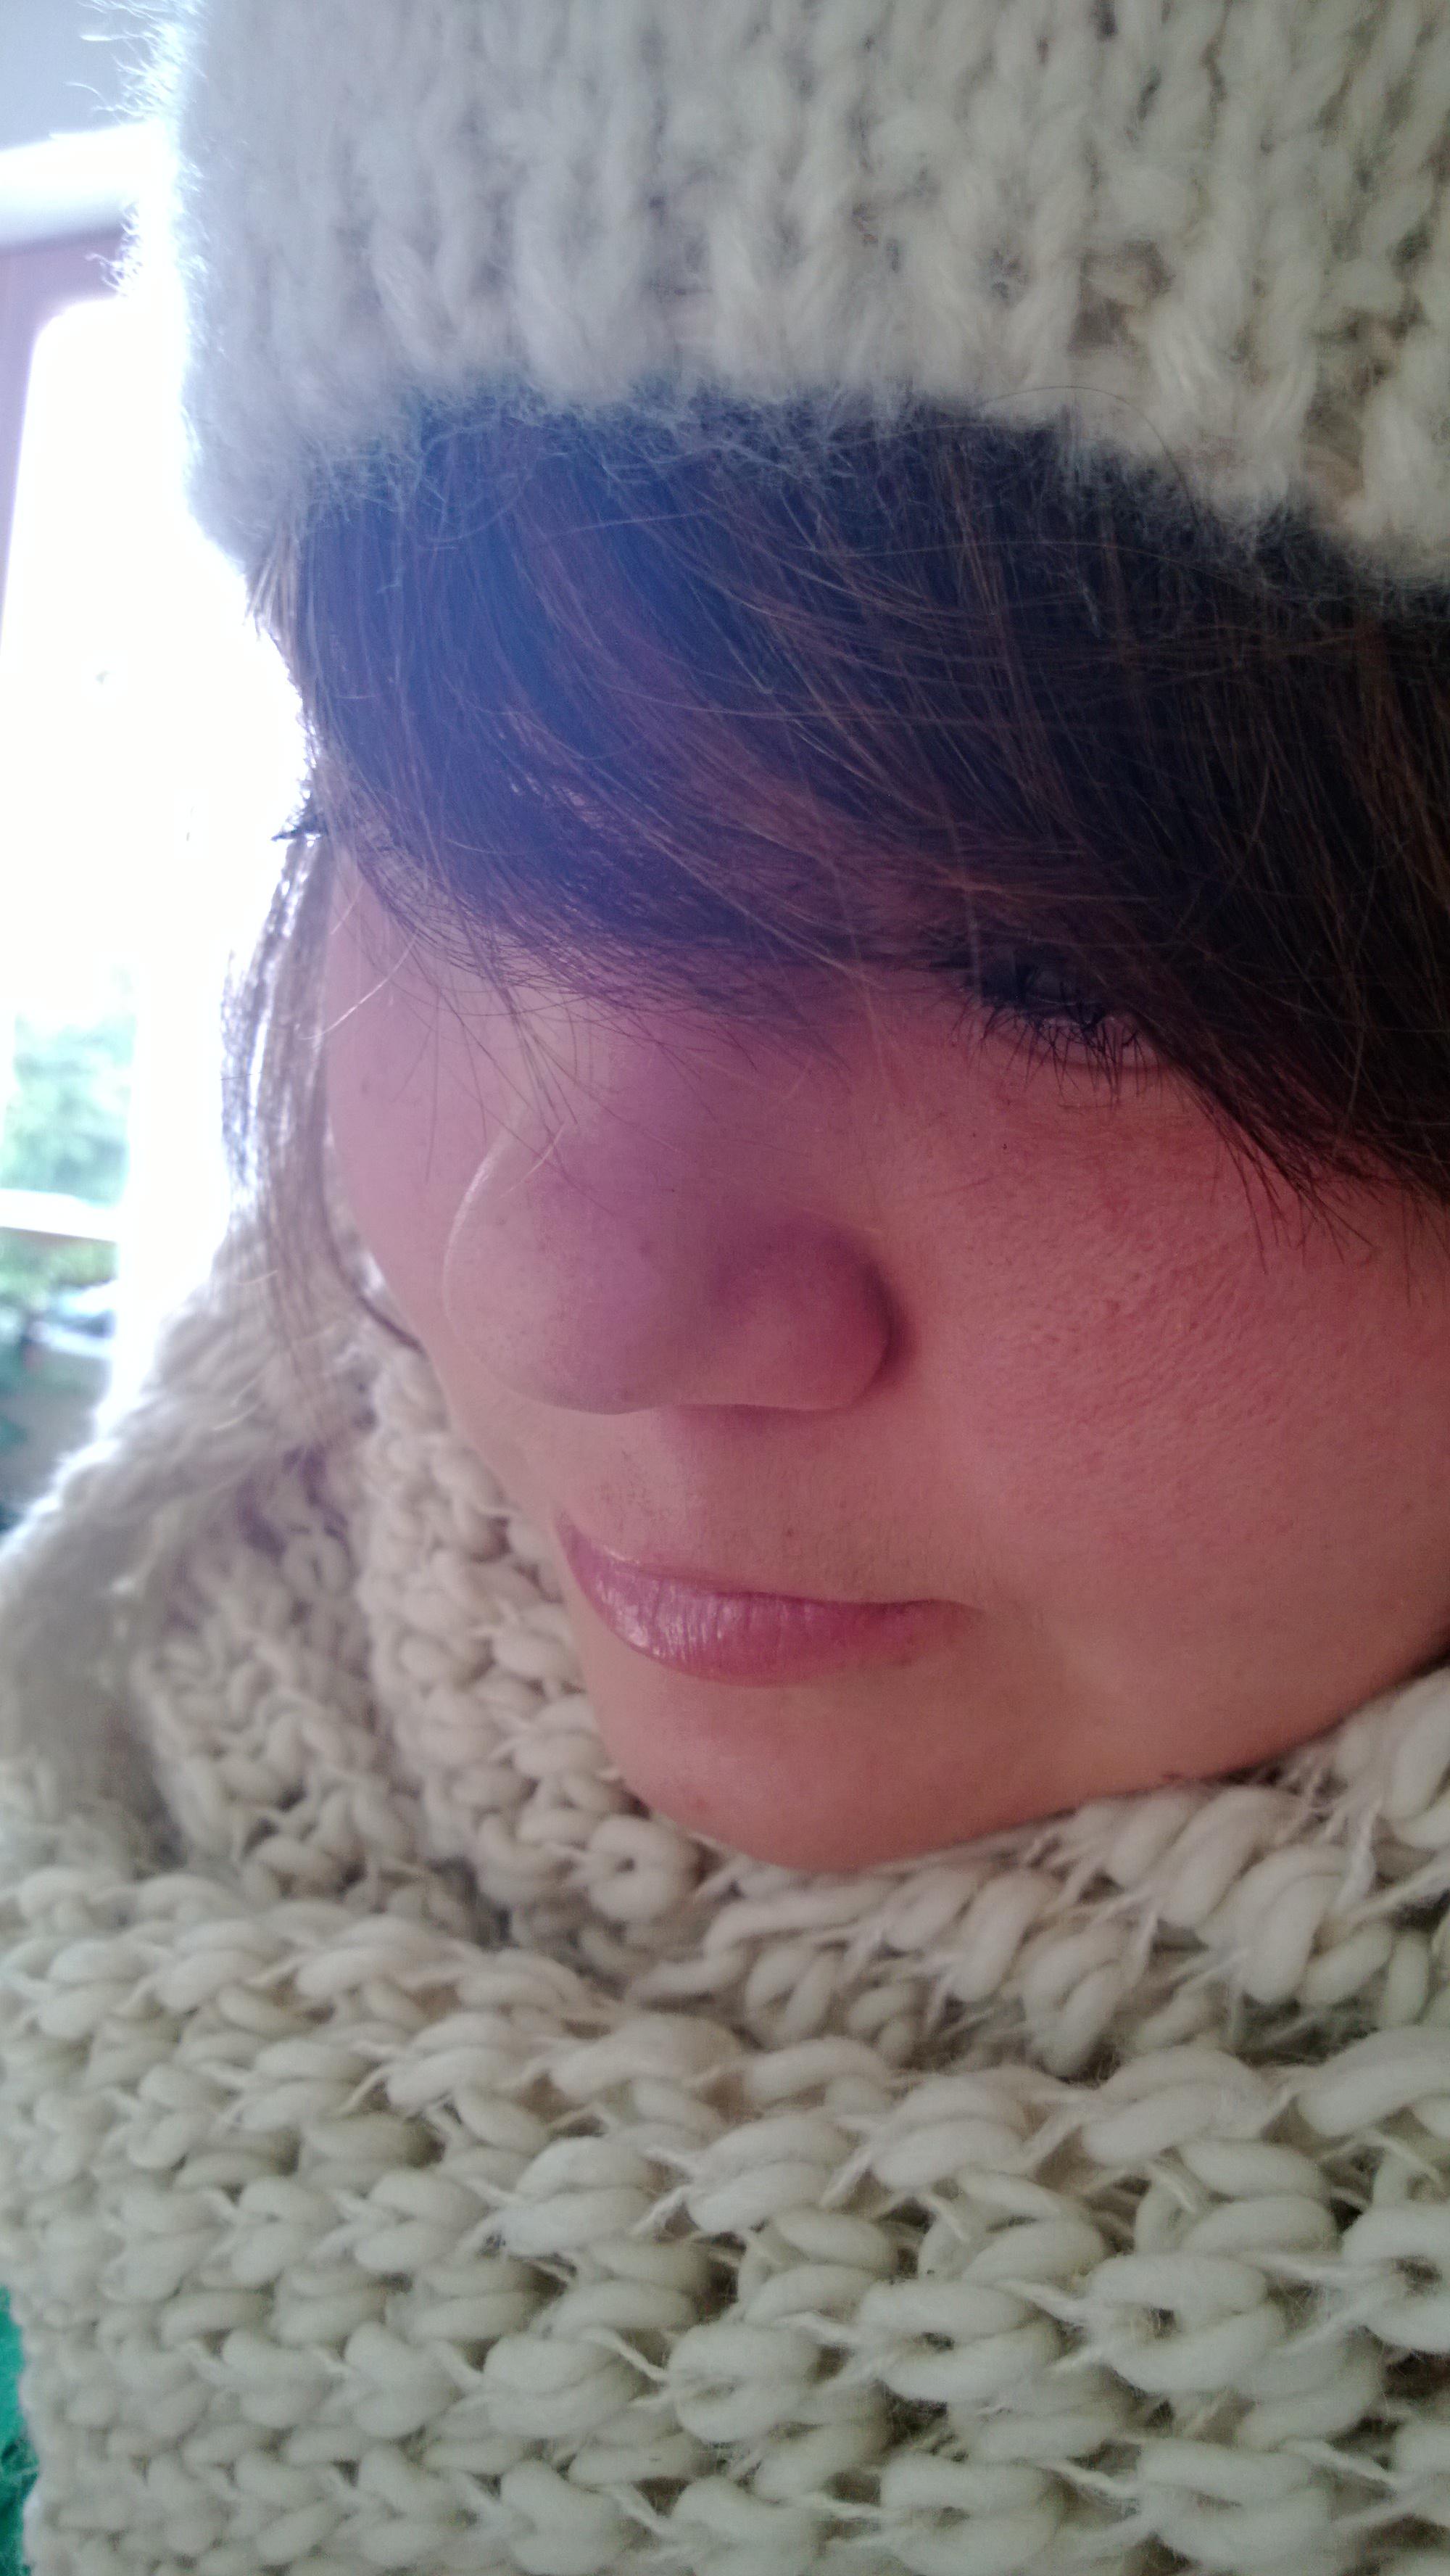 WP_20121225_013.jpg